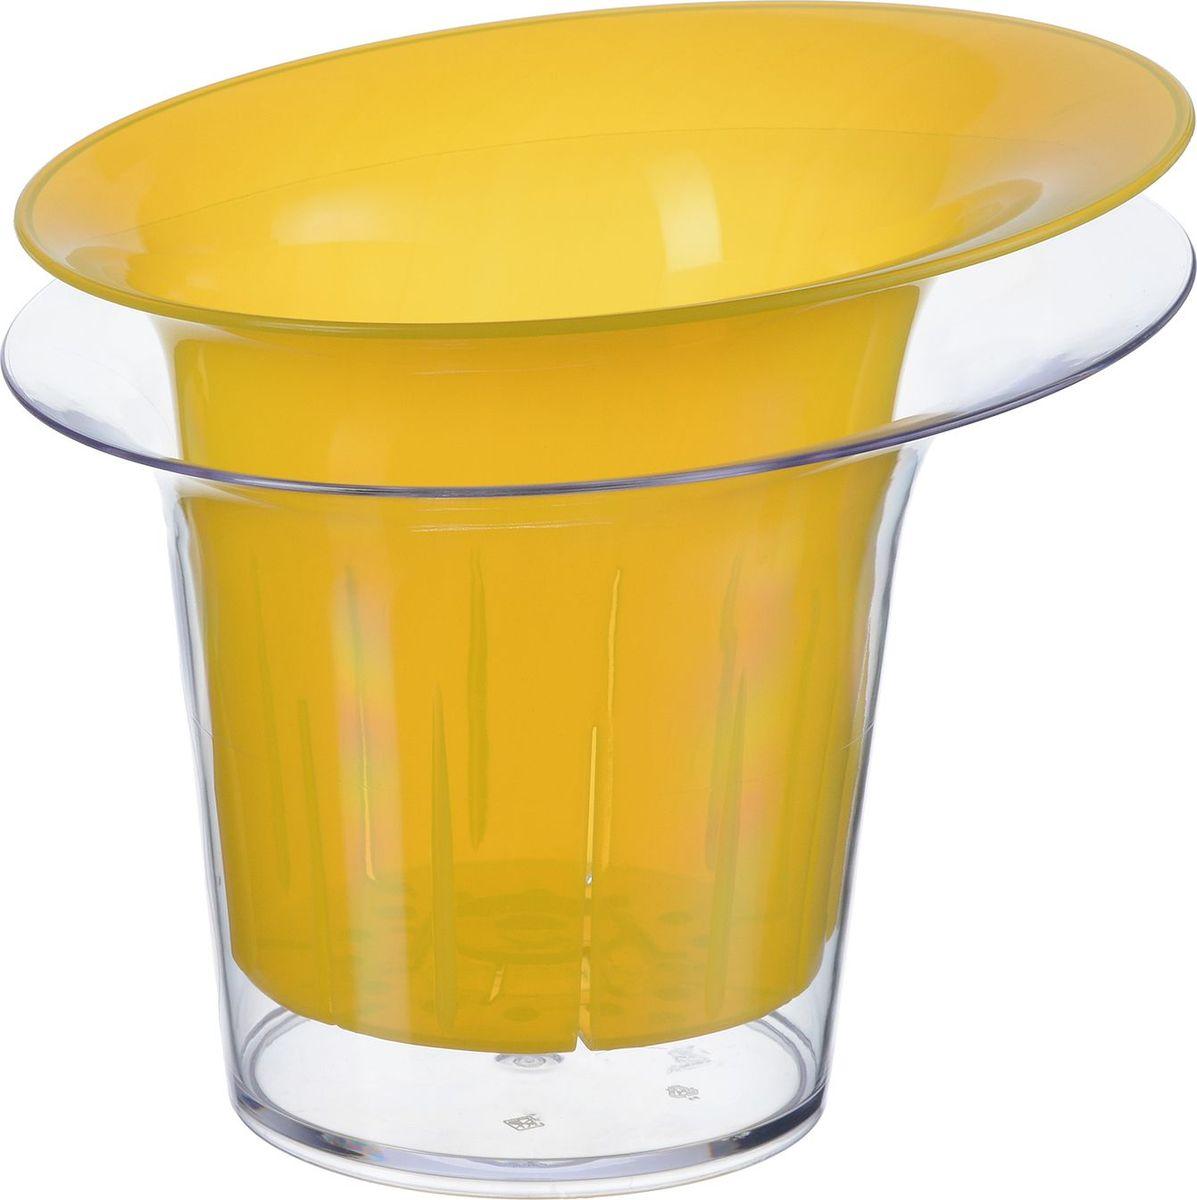 Кашпо для орхидеи Idea Адель, цвет: желтый прозрачный, 1 л. М 3104М 3104_желтый прозрачный